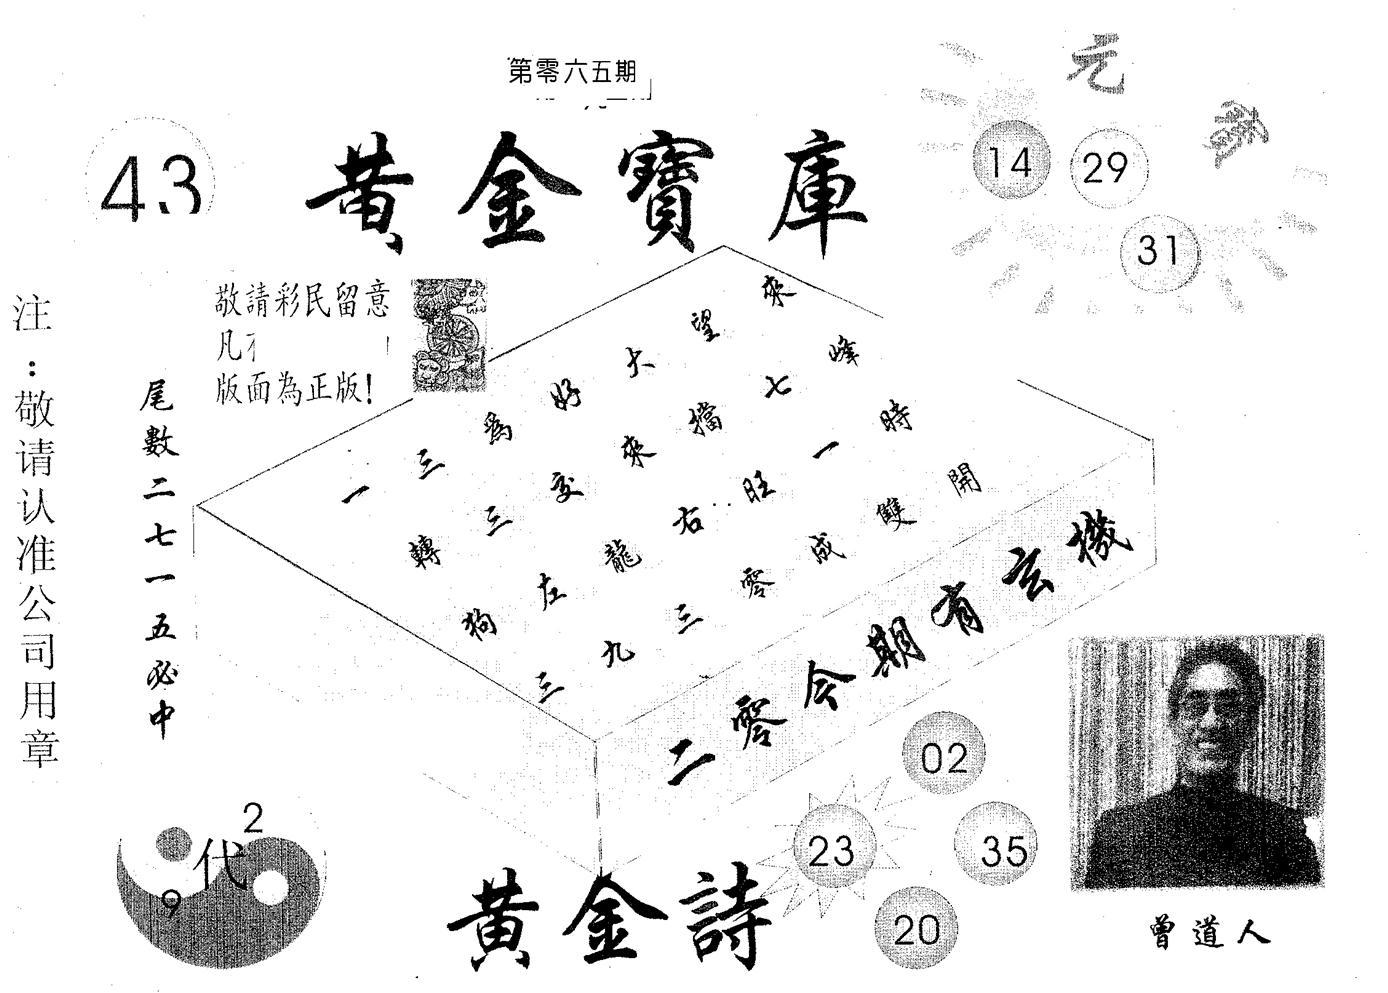 065期黄金宝库(黑白)